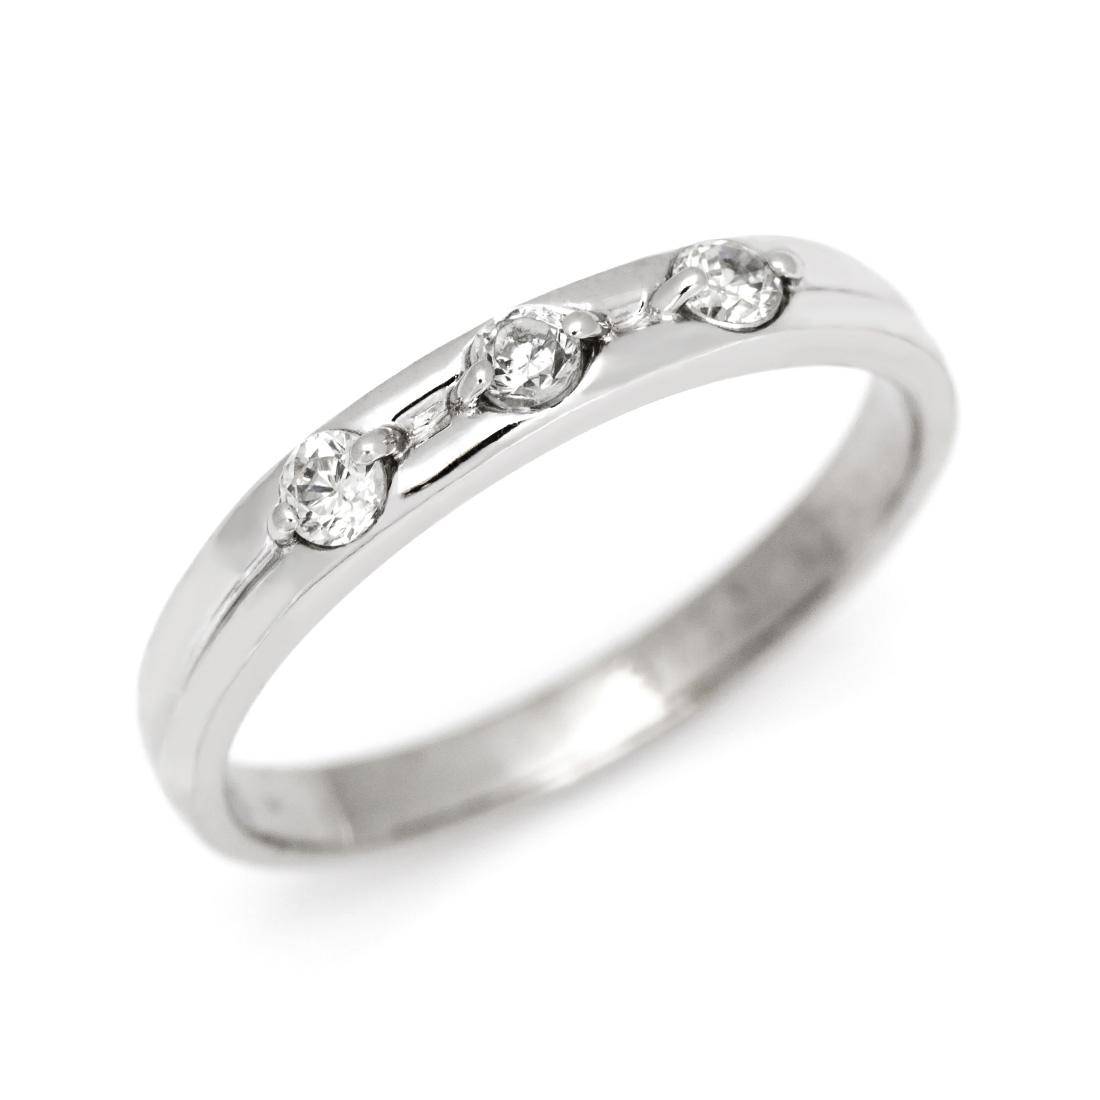 【GWクーポン配布中】マリッジリング ダイヤモンド 「Tempo」 プラチナ900 (レディース:1~20号)